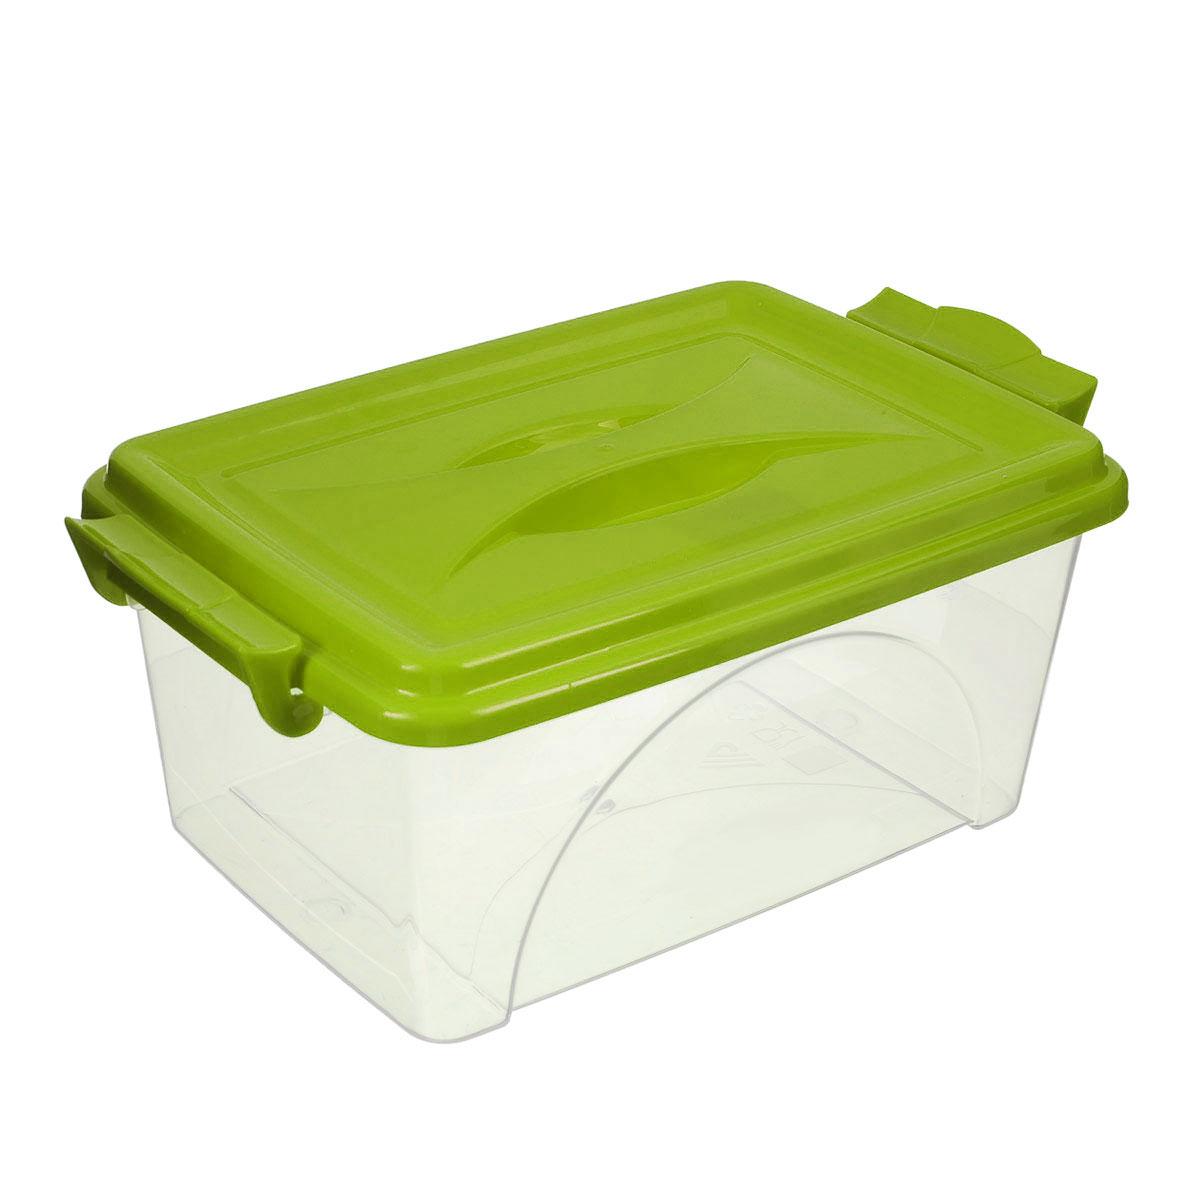 Контейнер Альтернатива, цвет: прозрачный, салатовый, 2,5 лМ421_салатовыйКонтейнер Альтернатива выполнен из прочного пластика. Он предназначен для хранения различных мелких вещей. Крышка легко открывается и плотно закрывается. Прозрачные стенки позволяют видеть содержимое. По бокам предусмотрены две удобные ручки, с помощью которых контейнер закрывается.Контейнер поможет хранить все в одном месте, а также защитить вещи от пыли, грязи и влаги.Размер с учетом крышки: 25 см х 16,5 см х 13,5 см.Размер без учета крышки: 24,5 см х 16,5 см х 10,5 см.